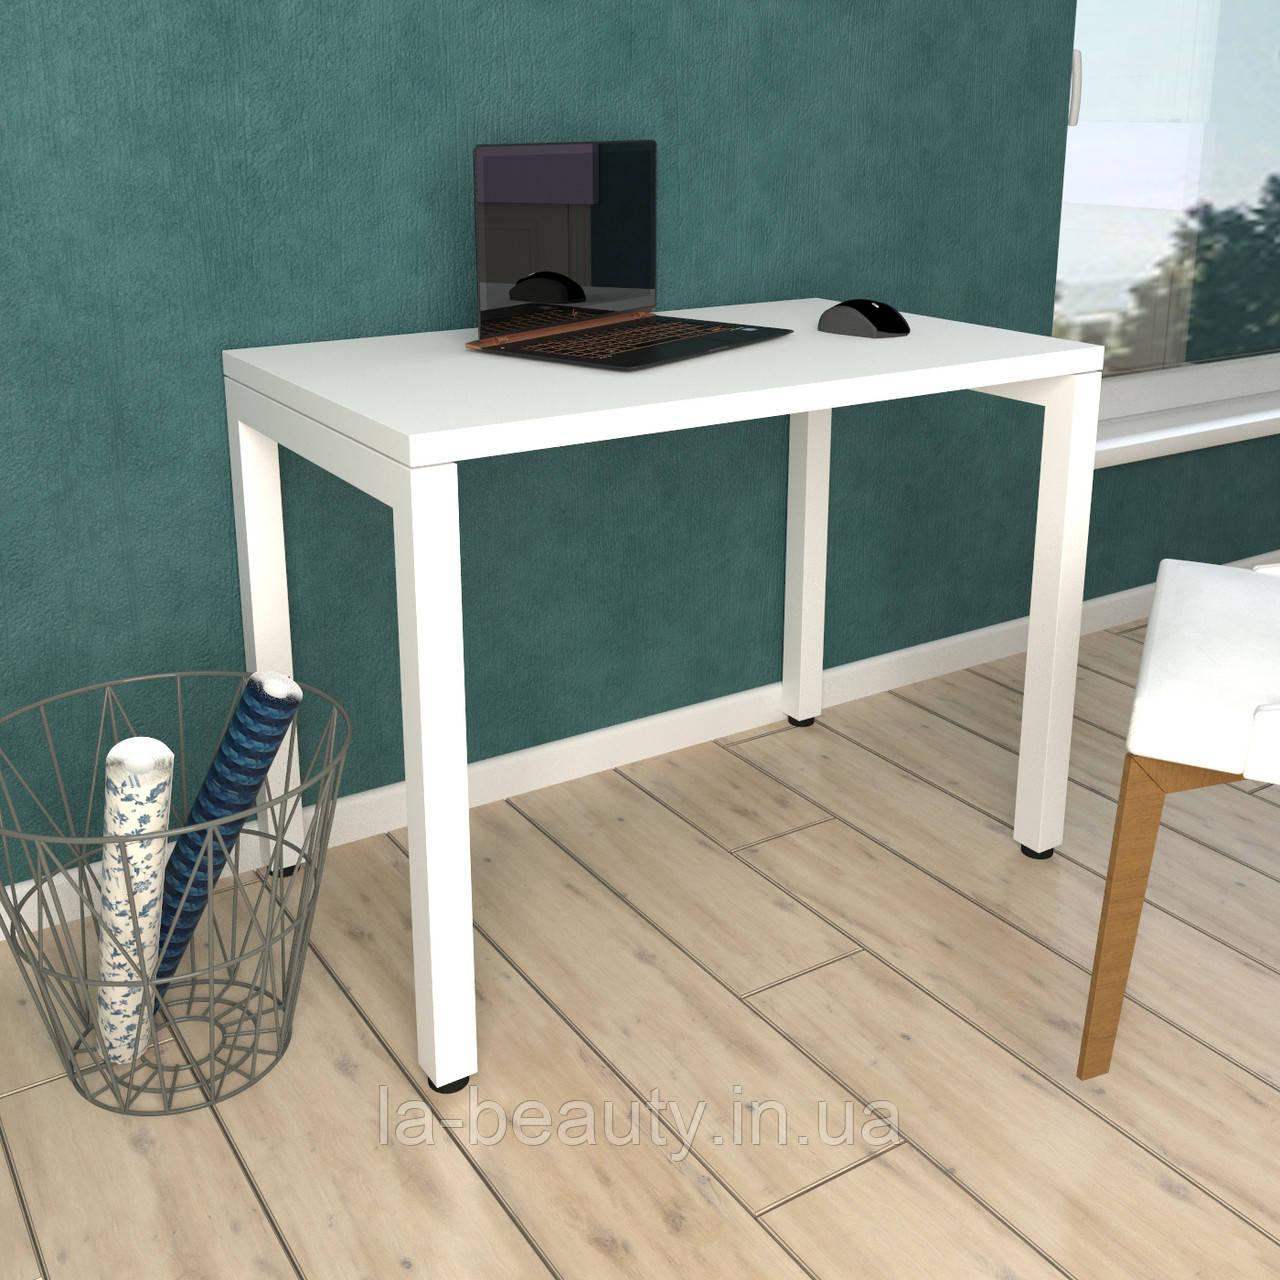 Стол Тавол КС 8.2 металл опоры белые 100смх60смх75см ДСП 32 мм Белый